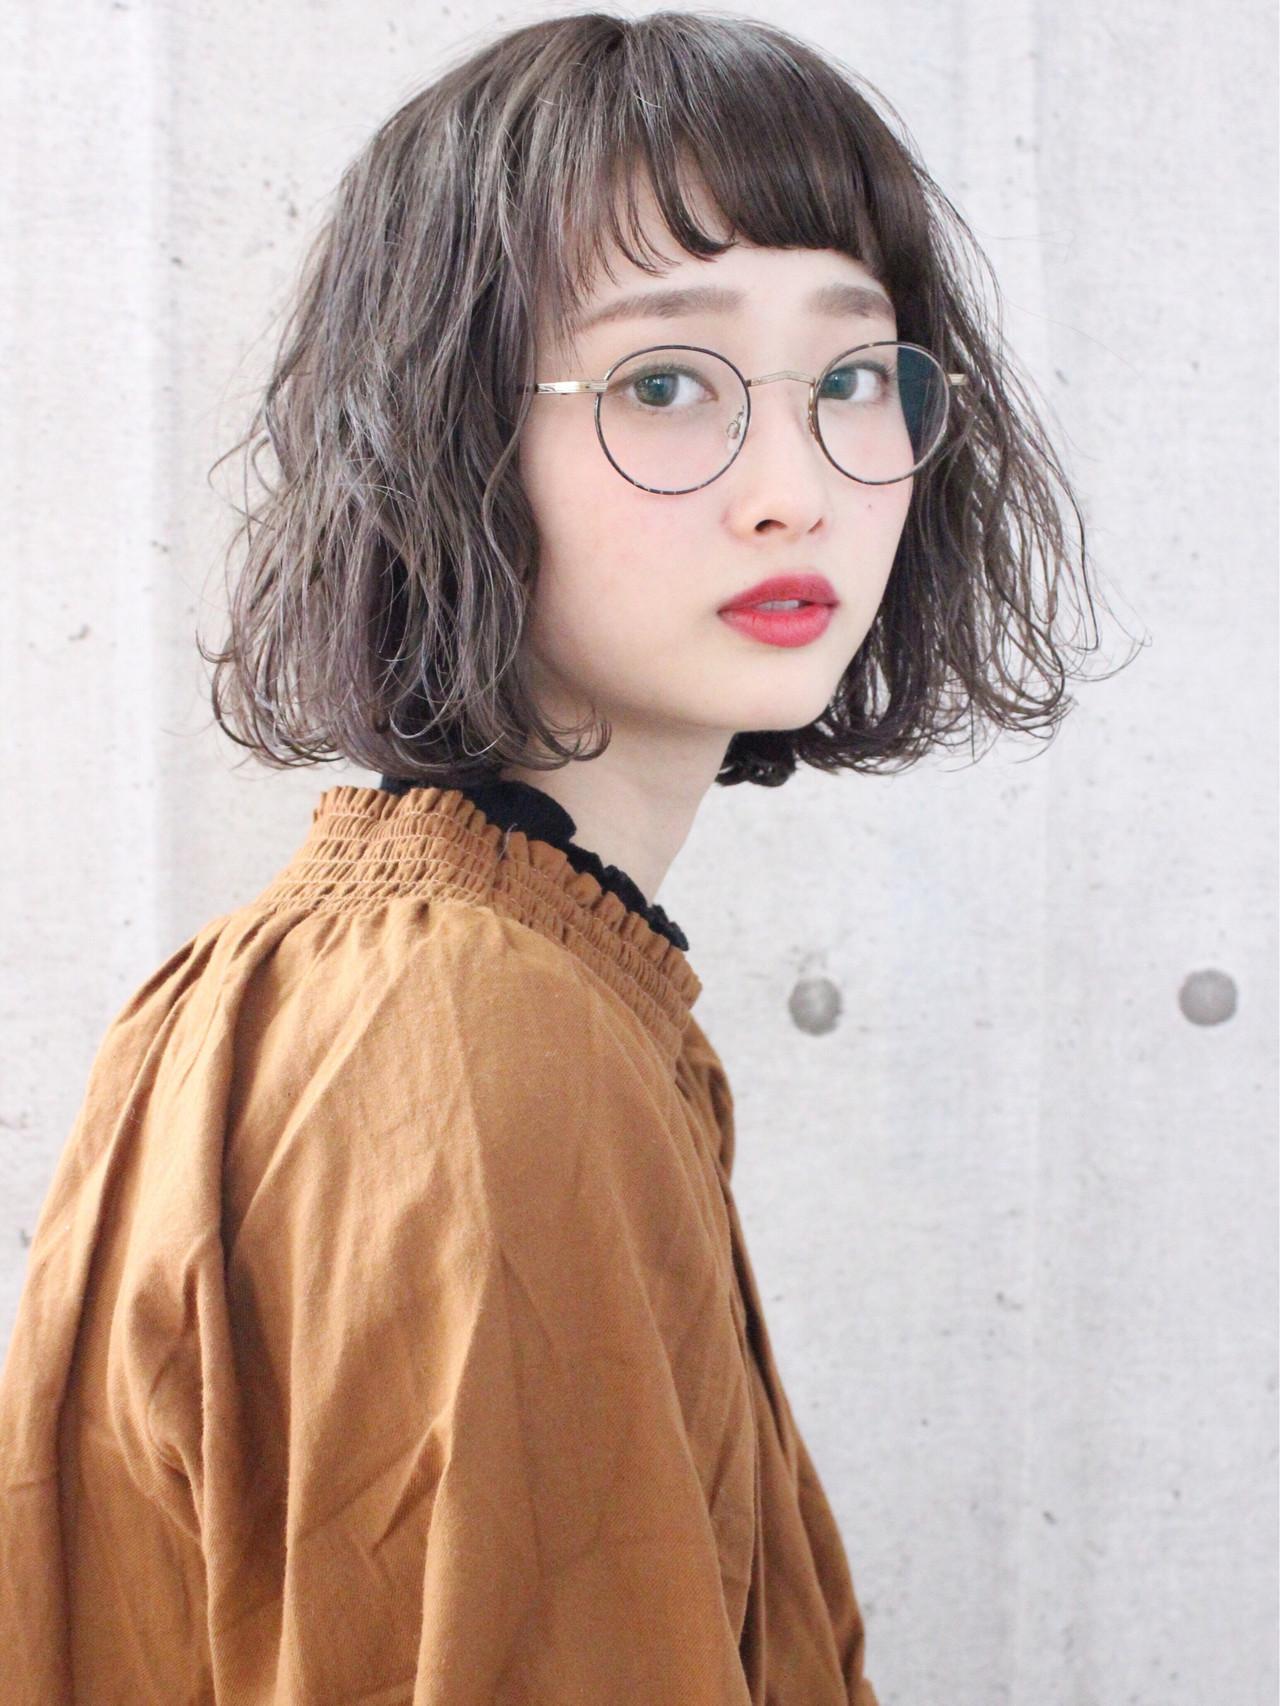 アンニュイほつれヘア 外国人風 パーマ アッシュベージュ ヘアスタイルや髪型の写真・画像